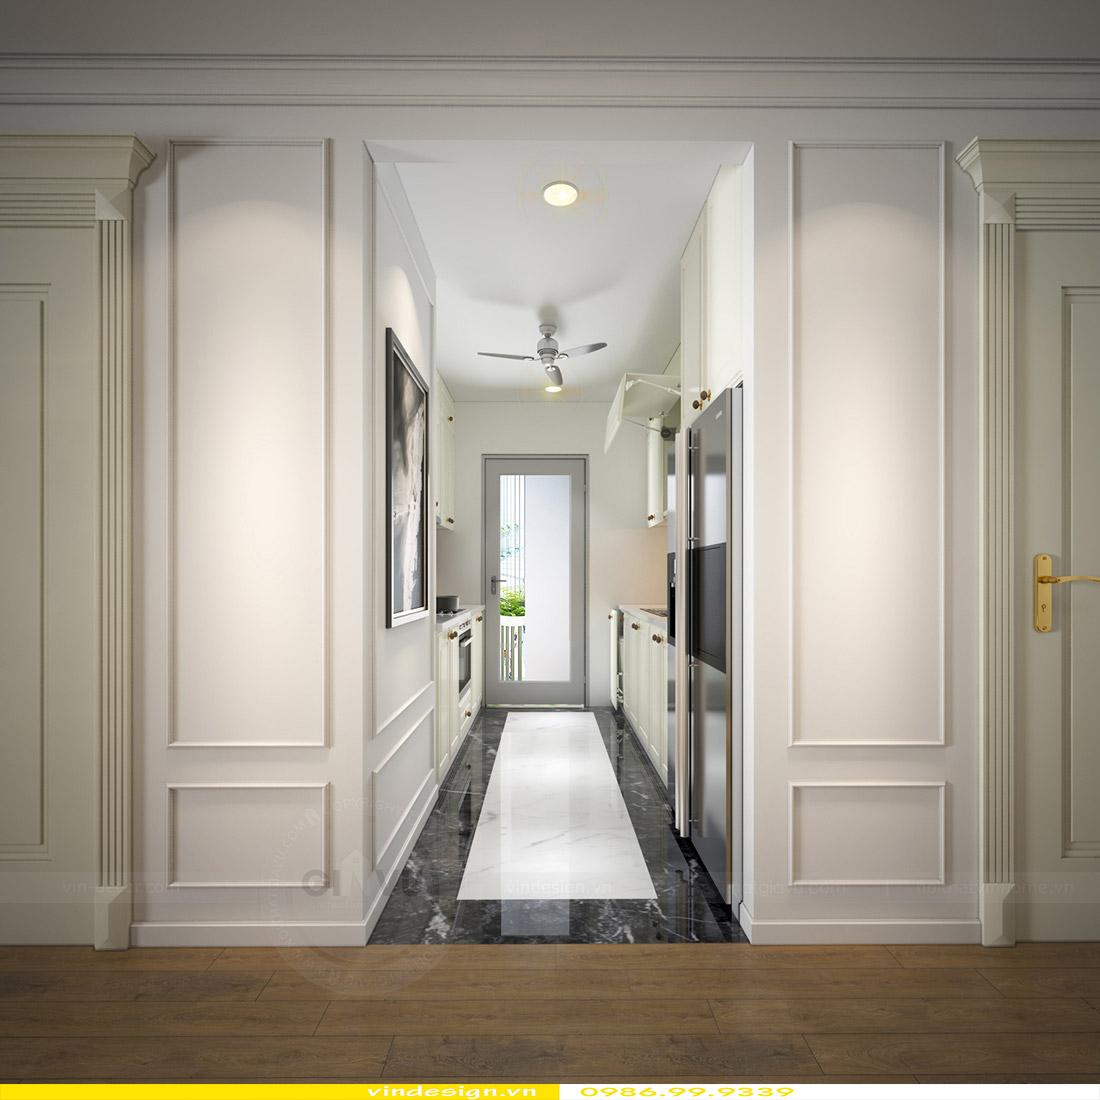 Thiết kế nội thất căn hộ Green Bay view 5